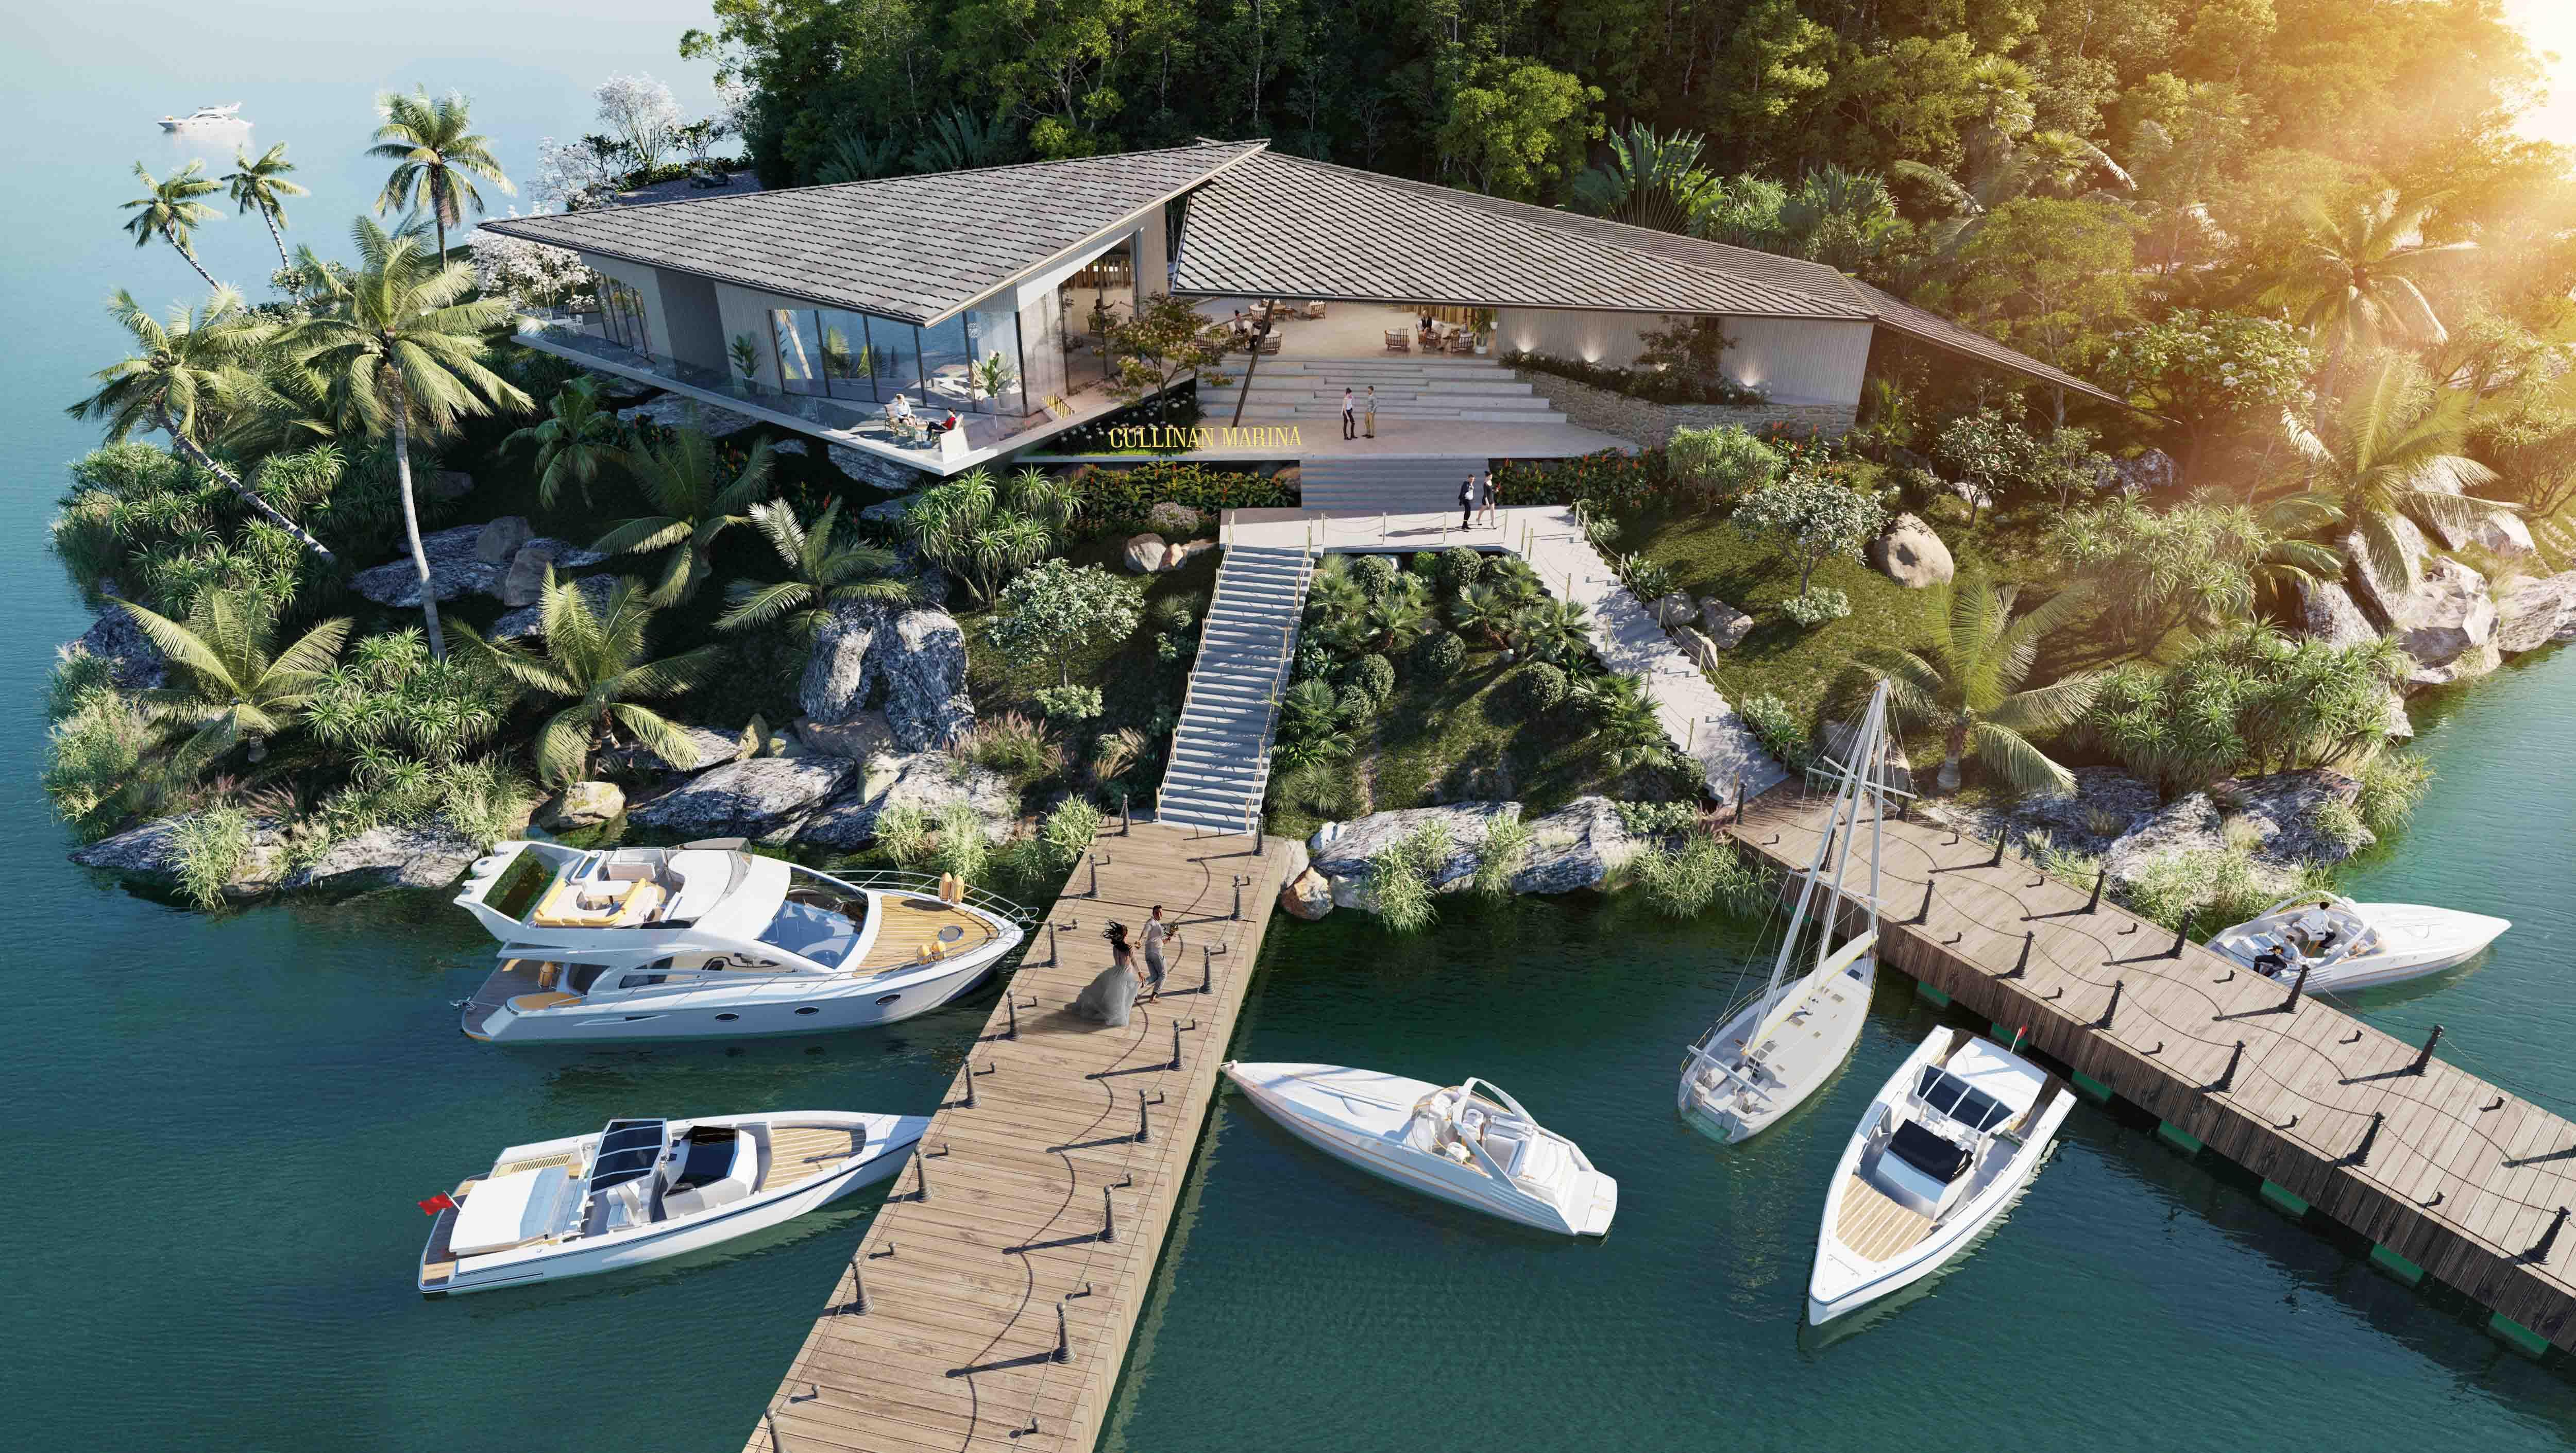 Cullinan Hoa Binh Resort